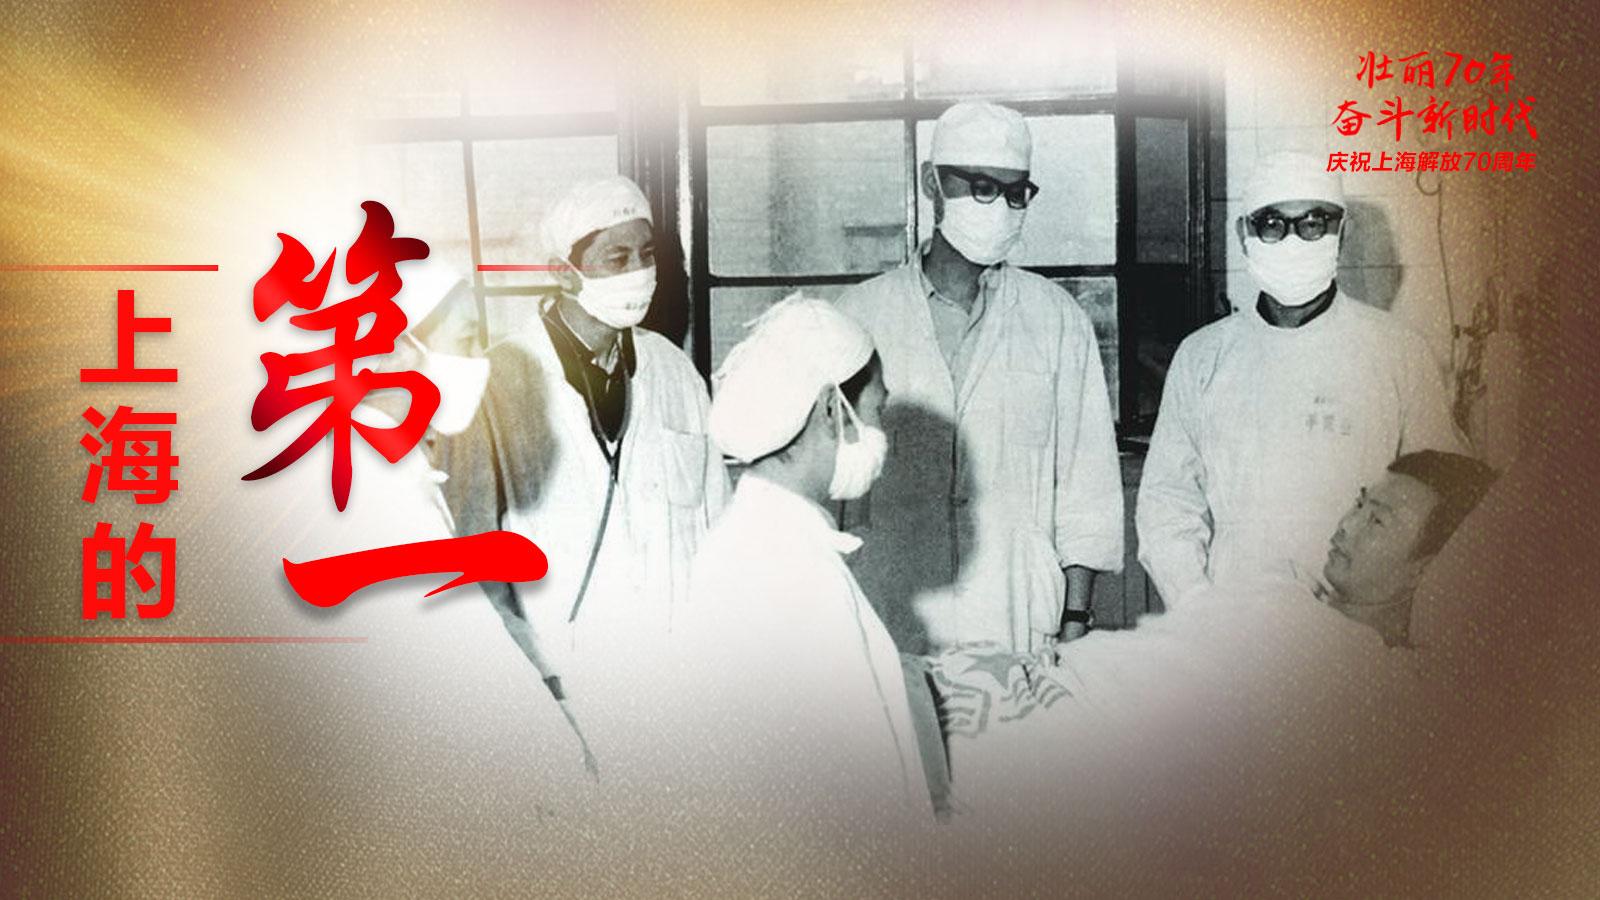 上海的第一 | 中国首例心脏、肝脏移植手术均在瑞金医院完成